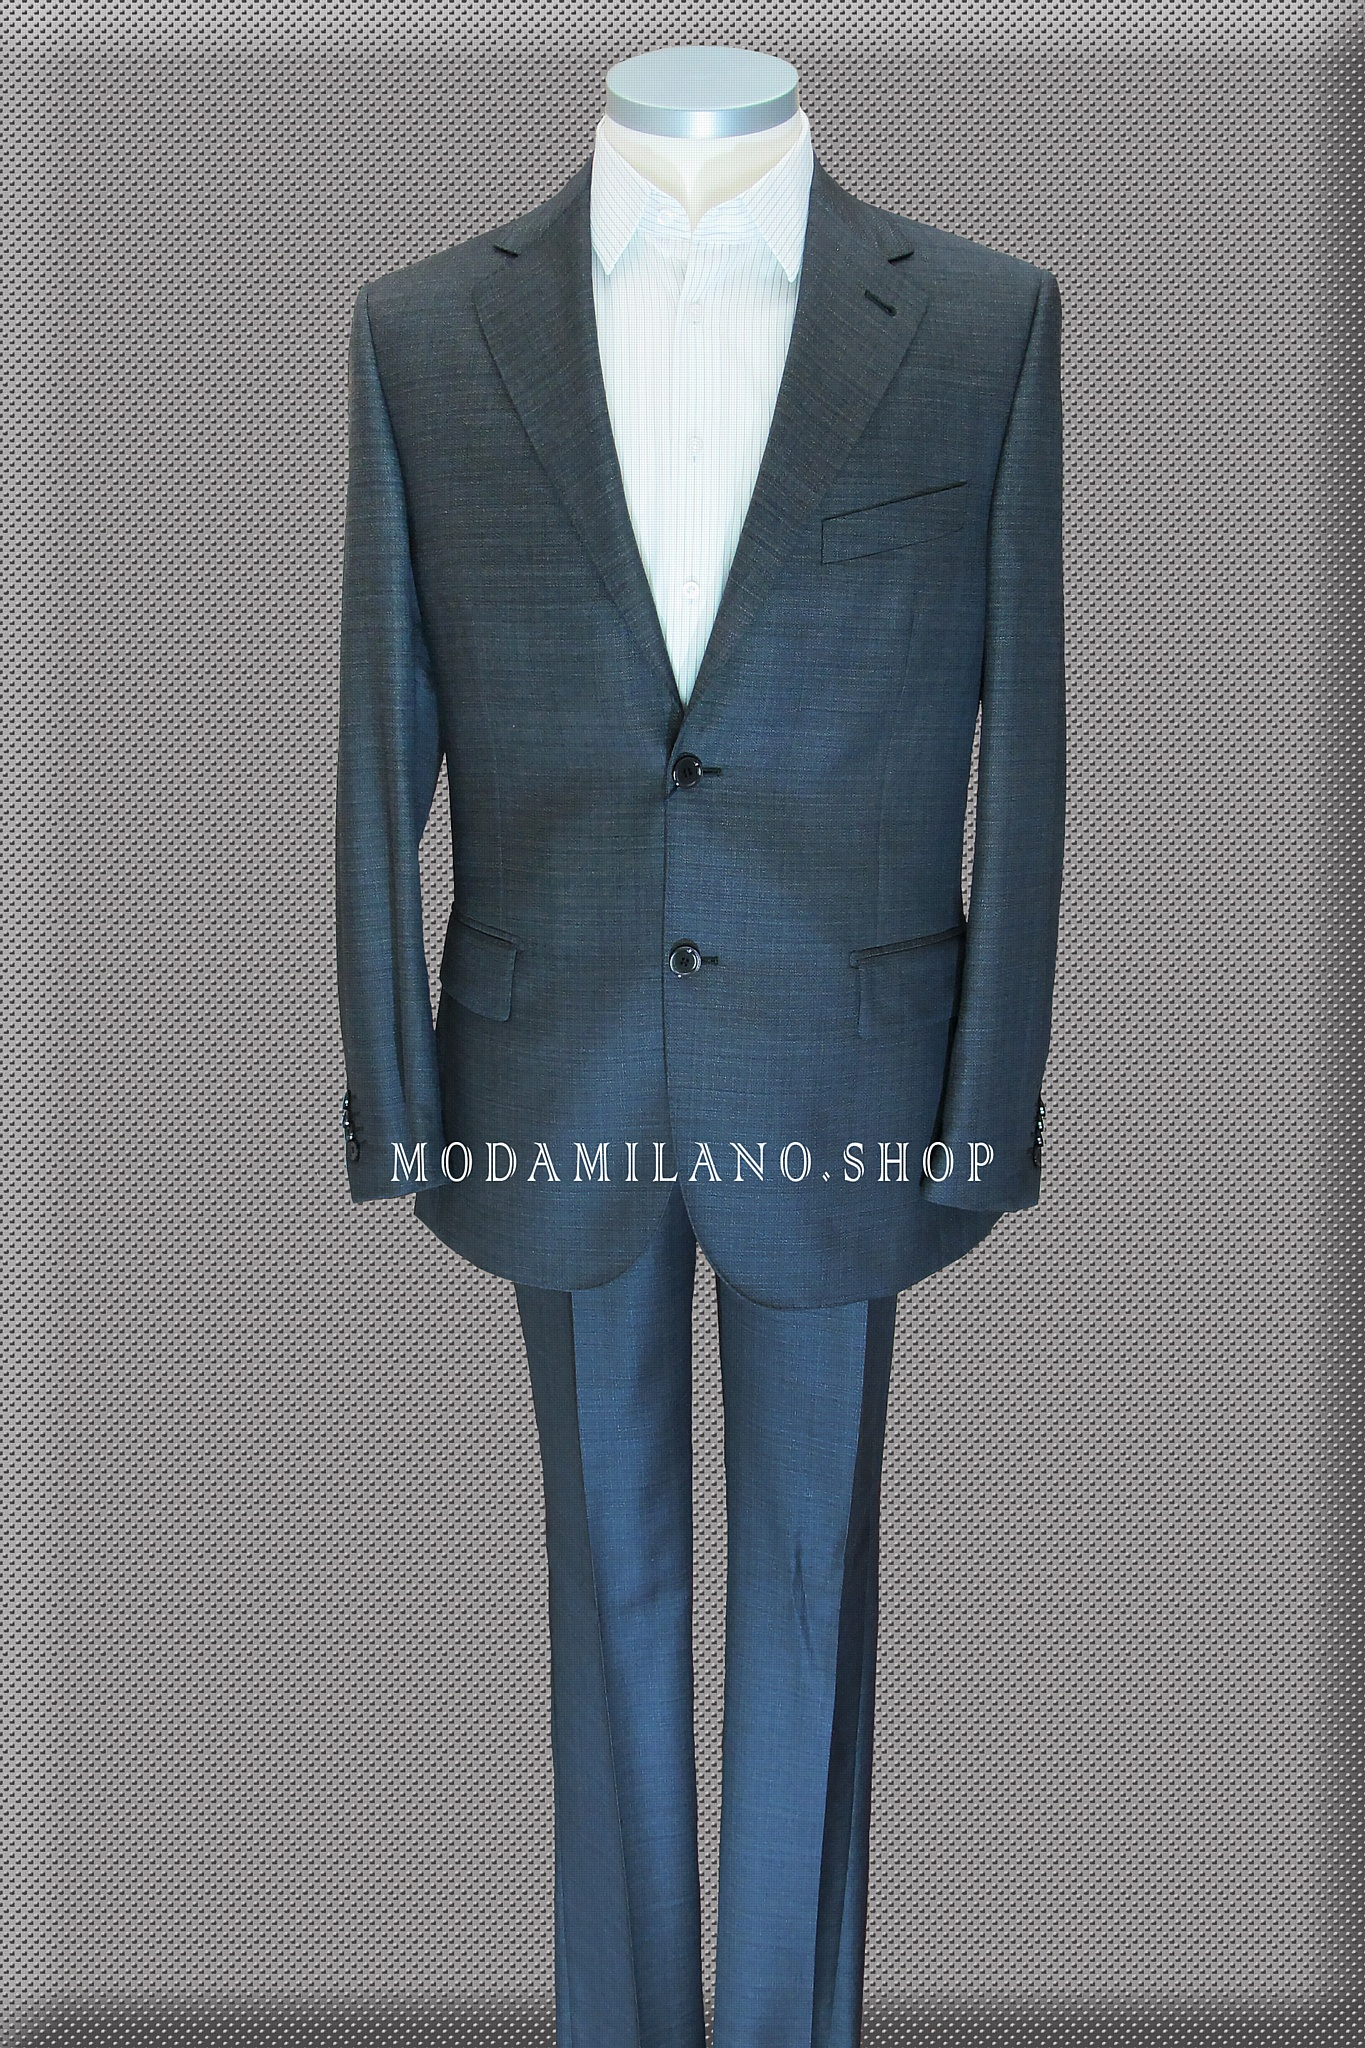 Костюмы мужские разные модели. Производитель: Sartore, материал Loro Piana, Zegna, Vitale Barberis Canonico шерсть, кашемир.